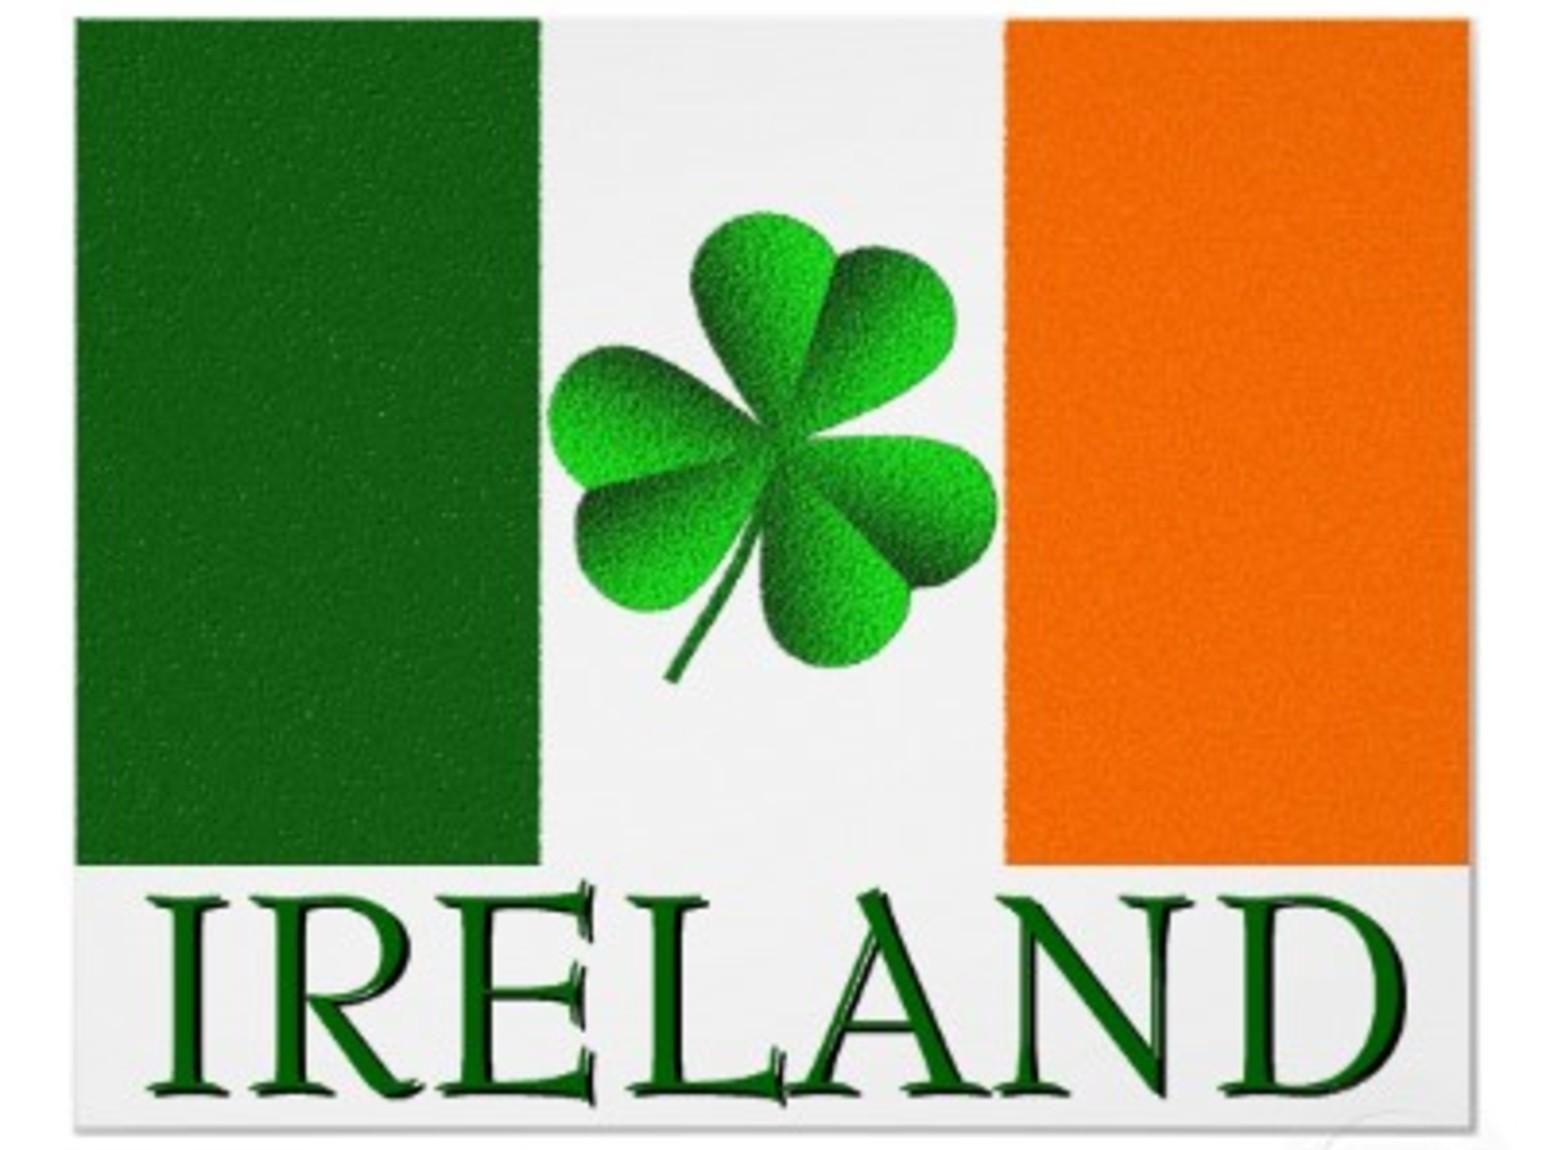 Quizz L'Irlande - Quiz Geographie, Geopolitique, Irlande - photo#39